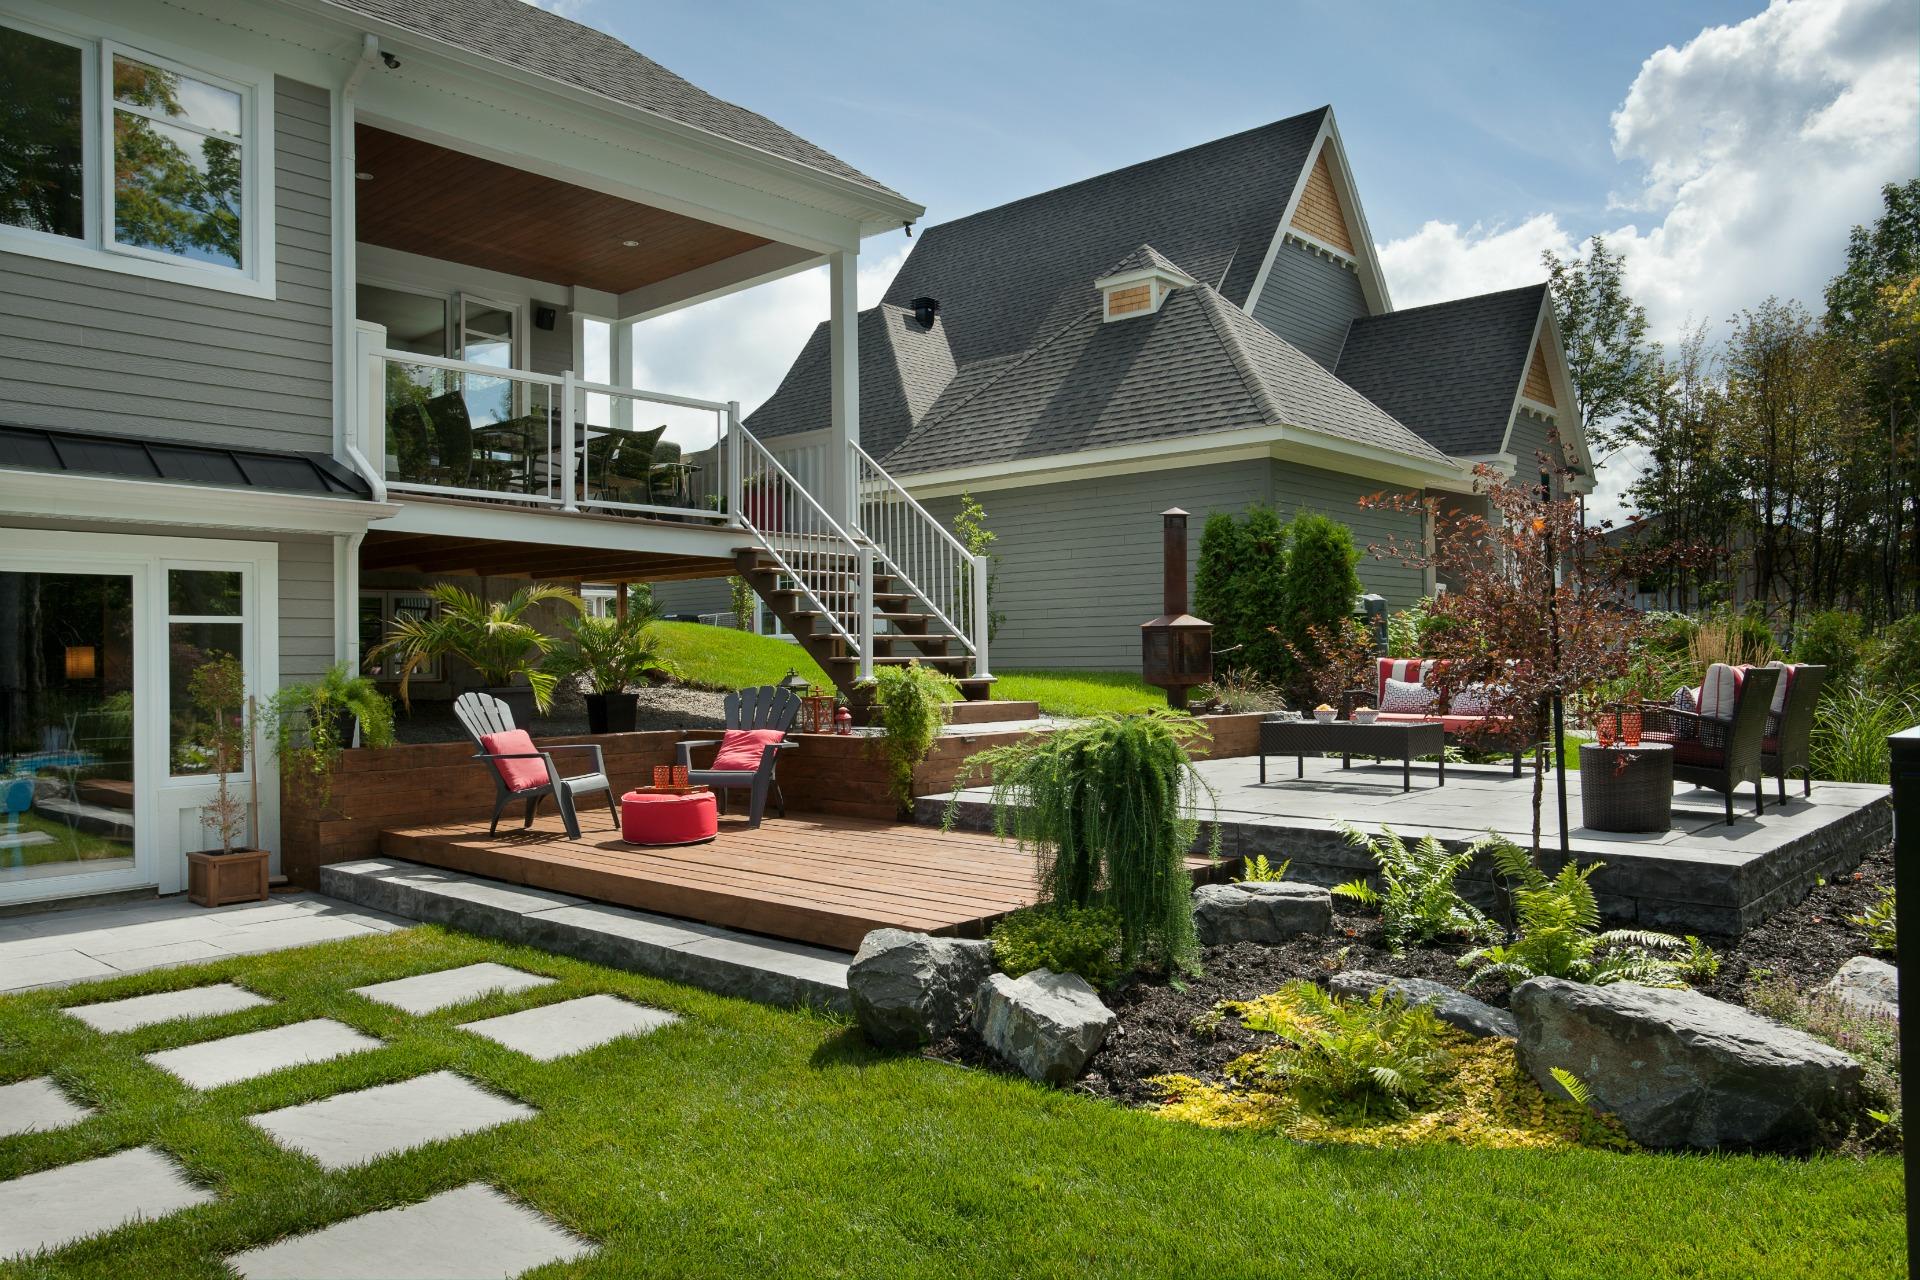 meilleur de amenagement cour devant maison l 39 id e d 39 un tapis de bain. Black Bedroom Furniture Sets. Home Design Ideas